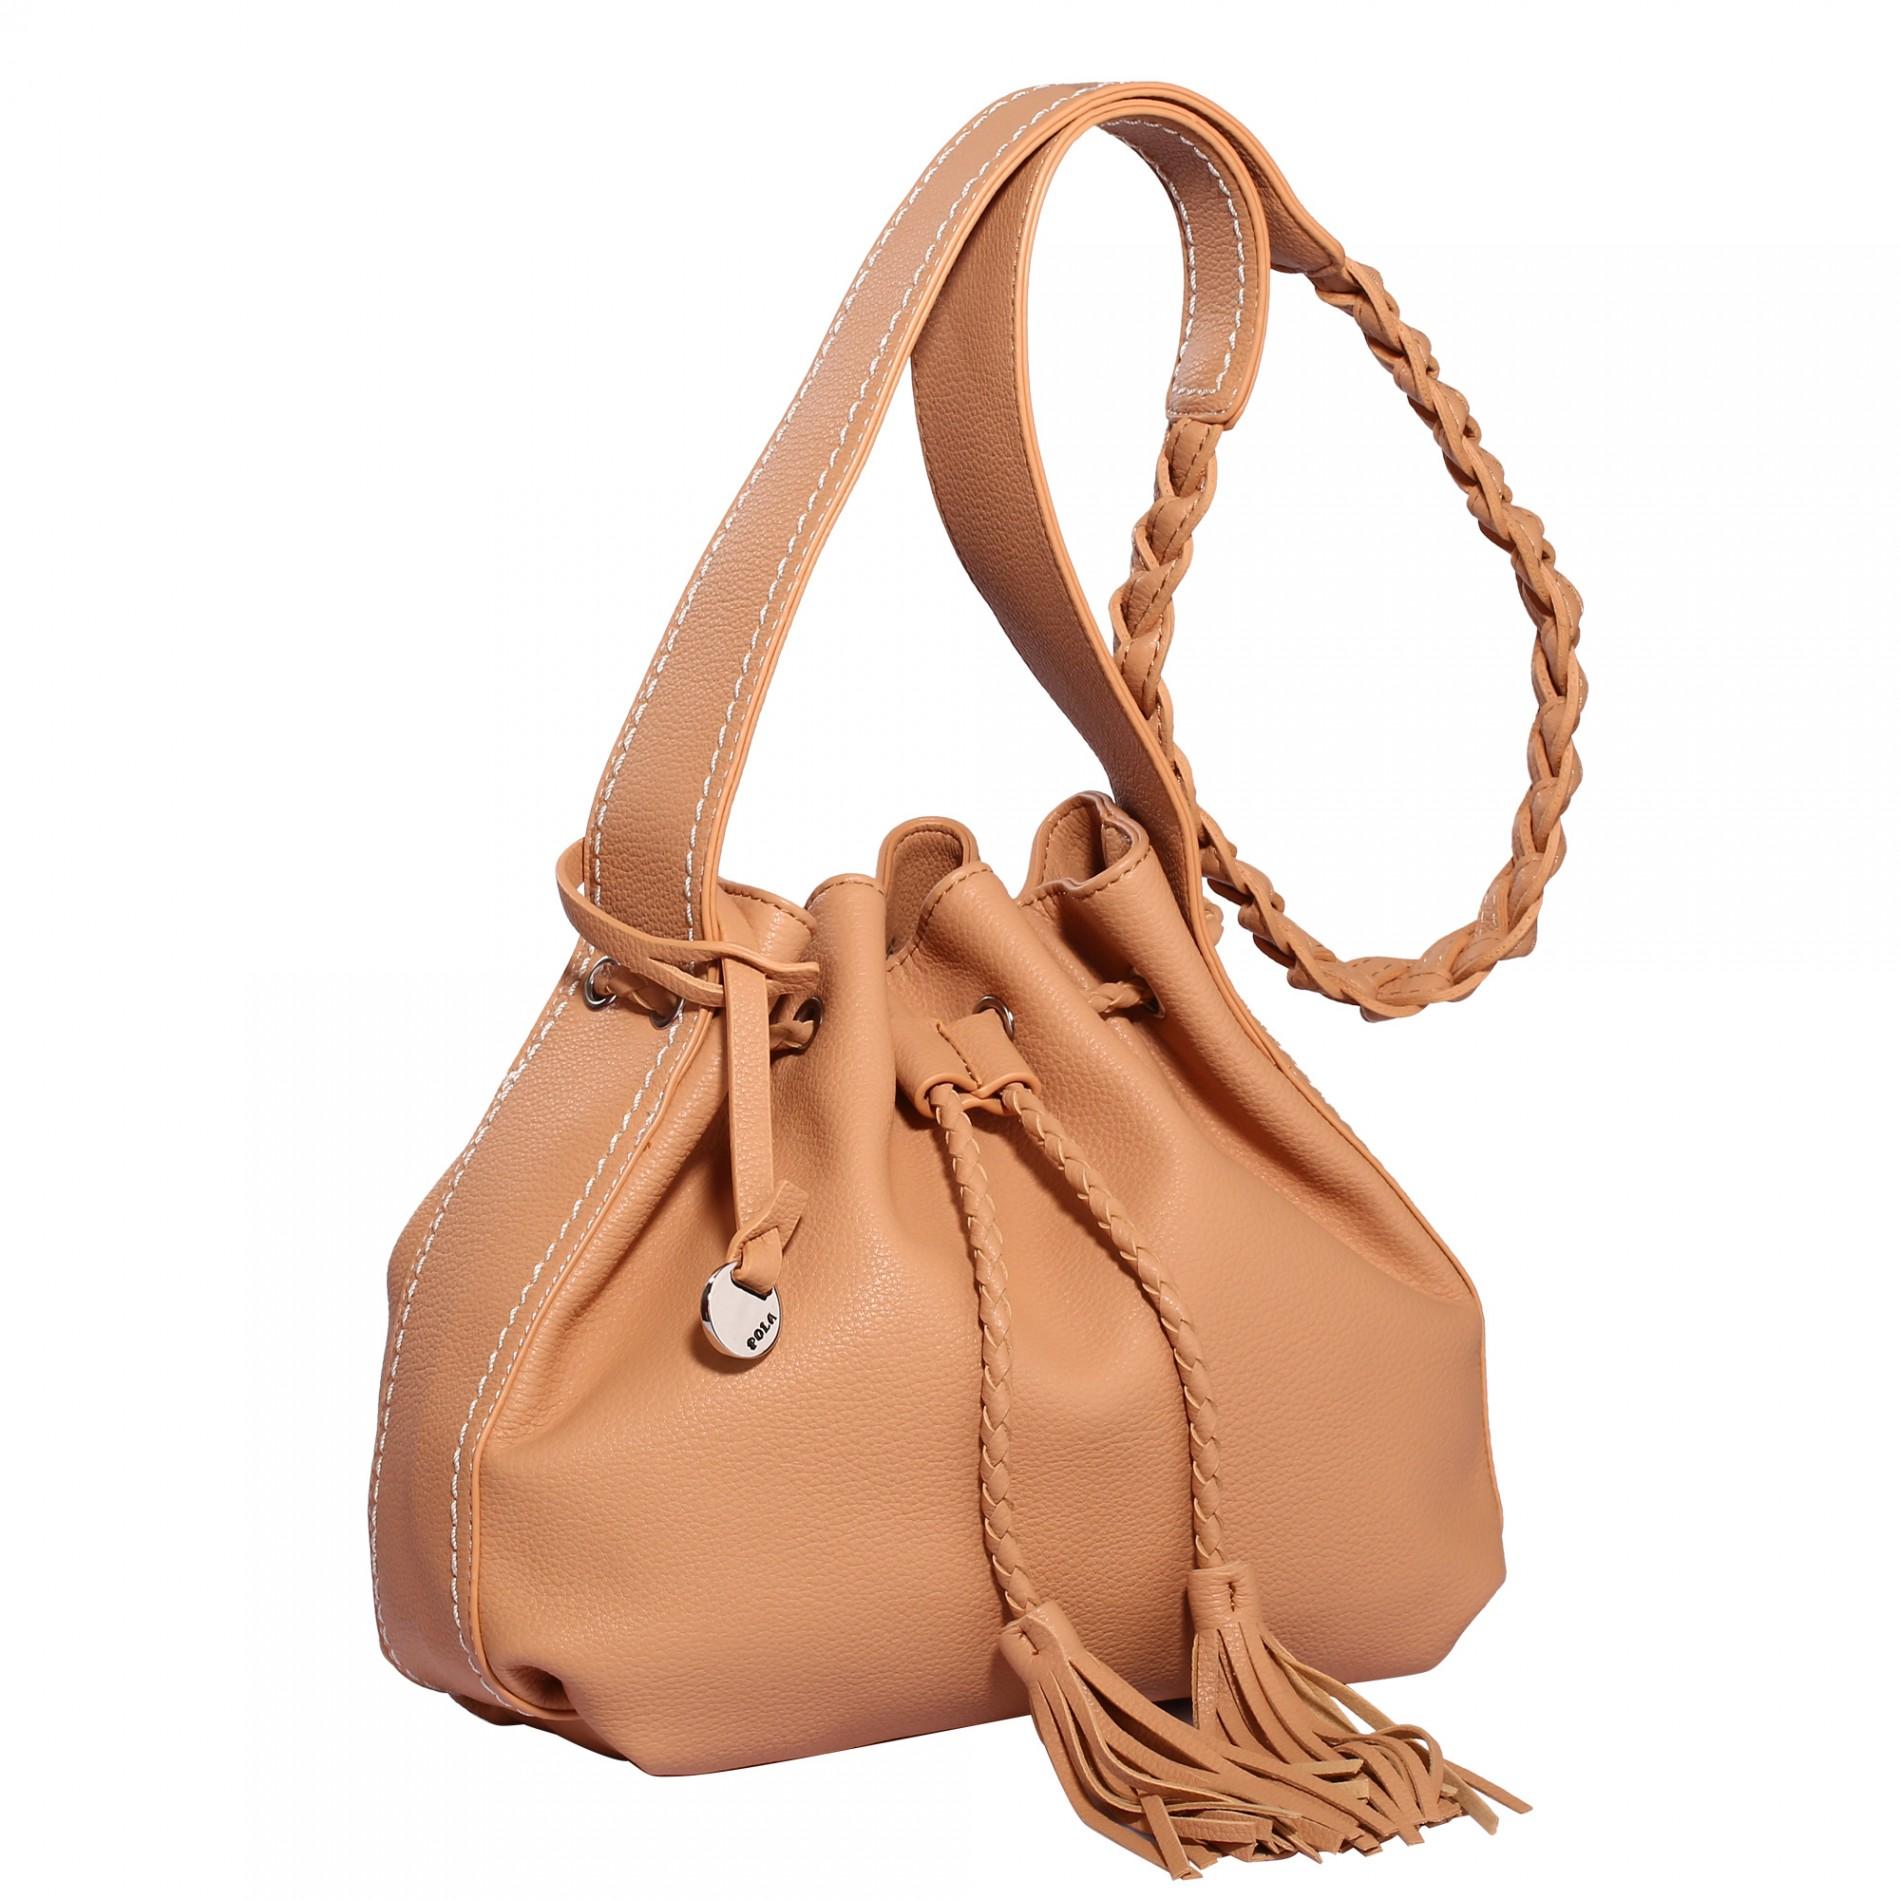 Купить сумки оптом от производителя, сумки в розницу в